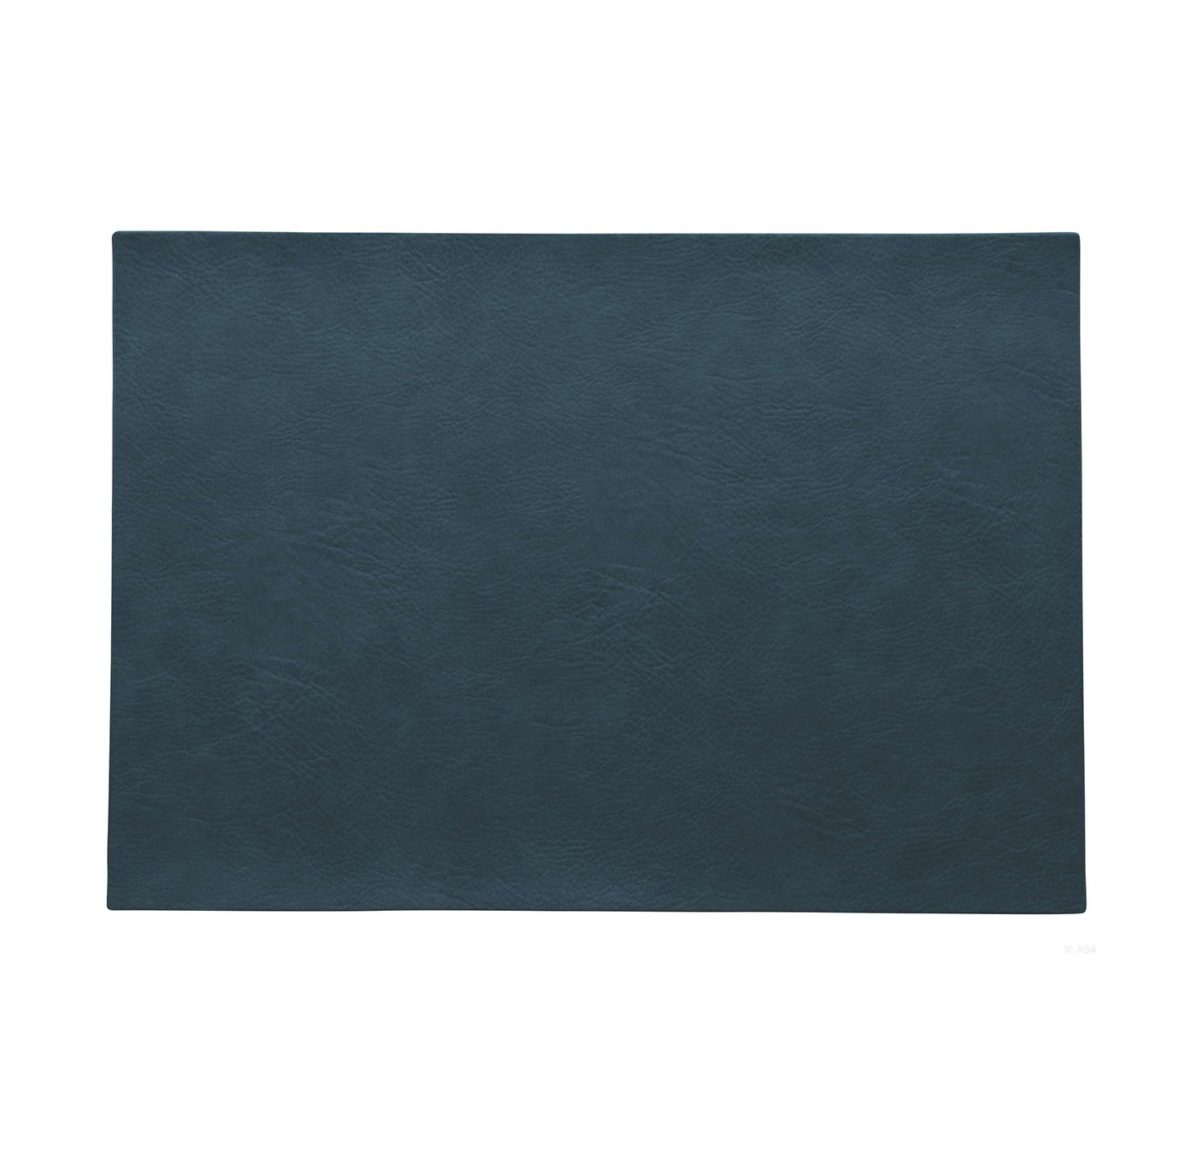 78302076 seaport 1200x1167 - Placemat seaport blue 46*33 cm (78302076)